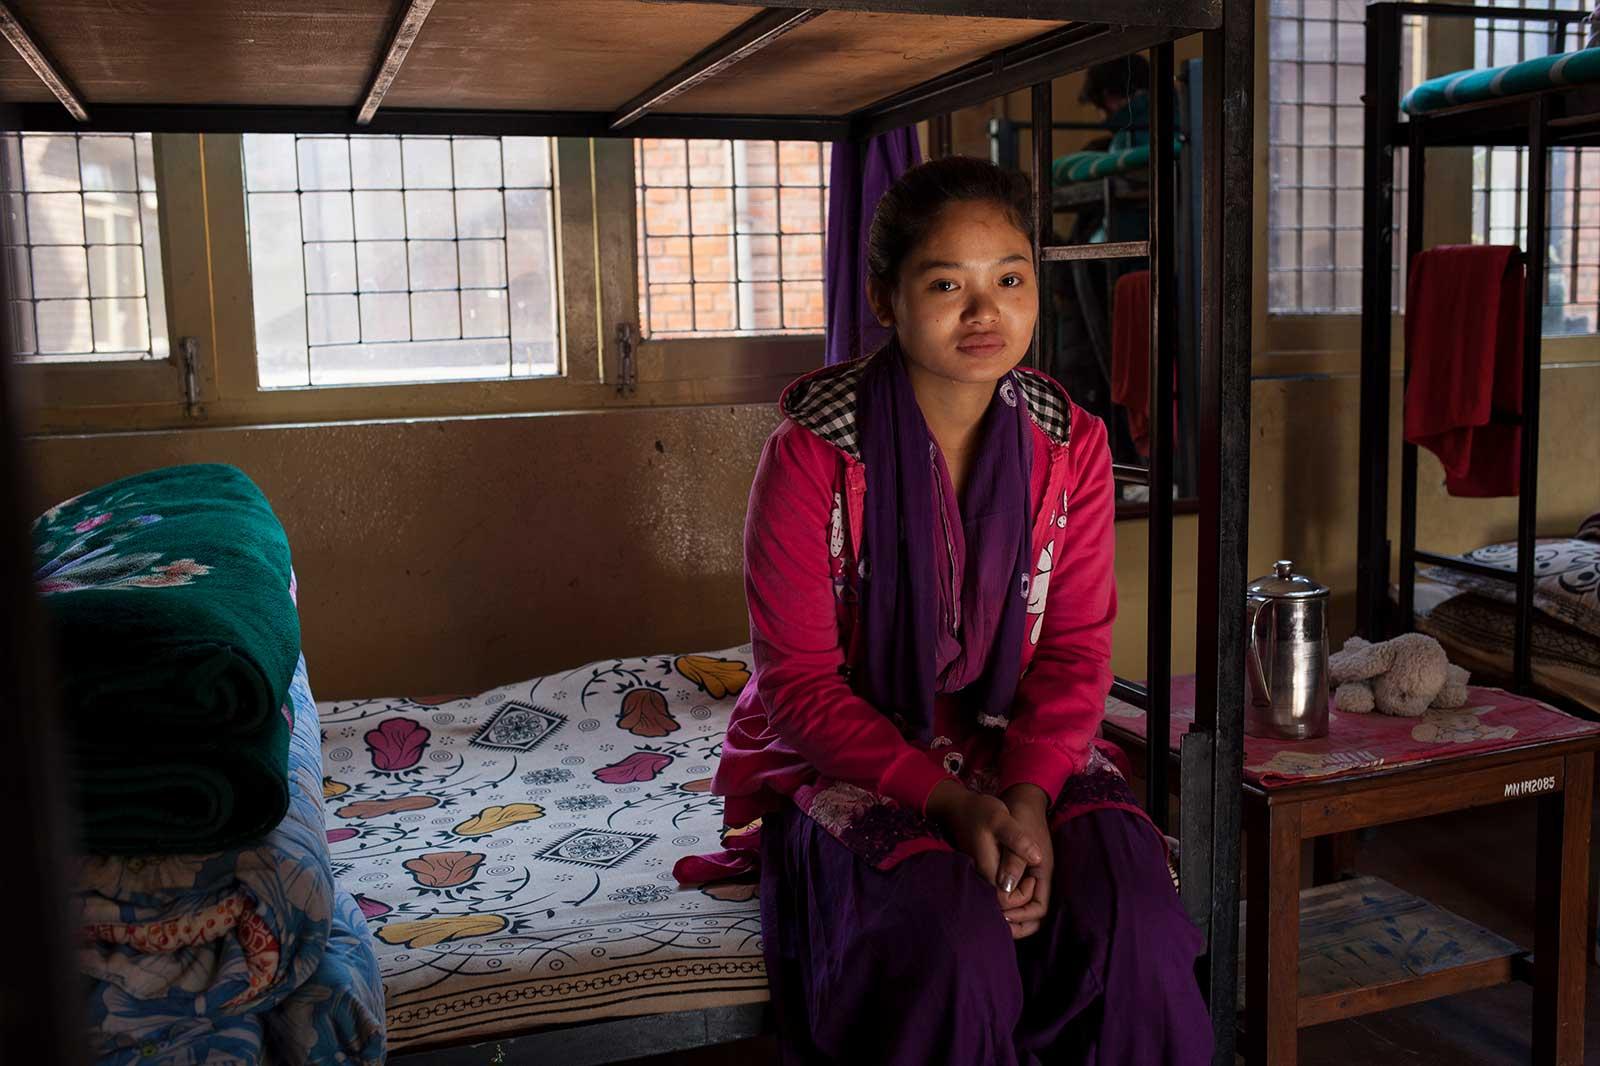 Phulsani fue vendida a los 11 años a un burdel de India. La rescataron en una redada y ahora trabaja en un salón de belleza de Katmandú.